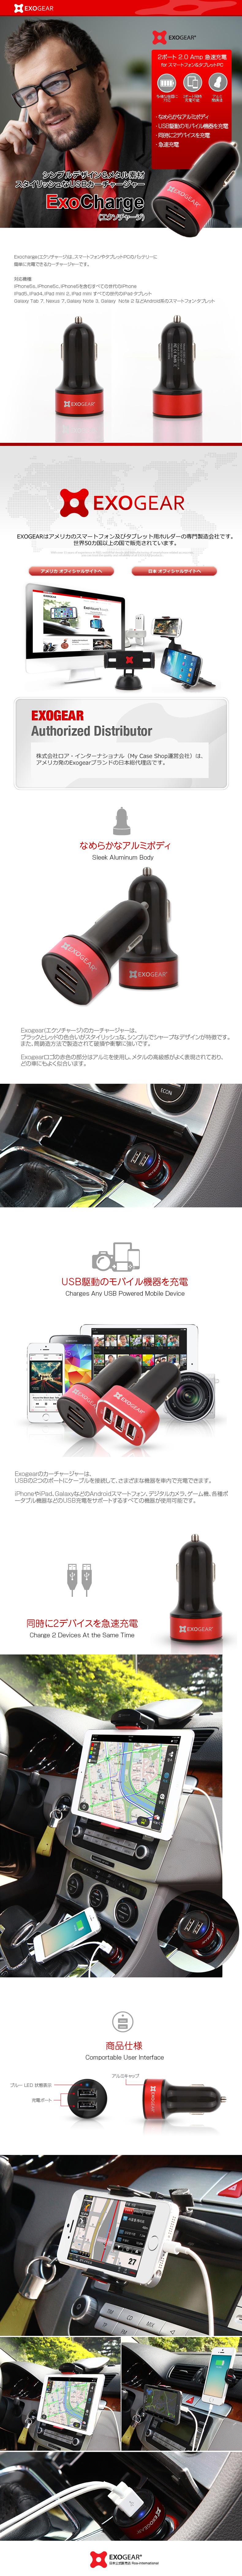 商品詳細ExoCharge(エクソチャージ) 2ポート